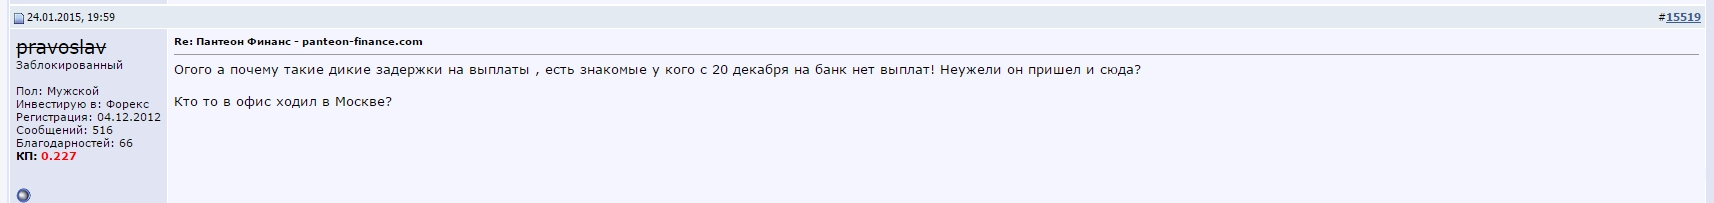 Инвестор, которого забанили после того, как он начал заявлять о невыплатах, mmgp.ru